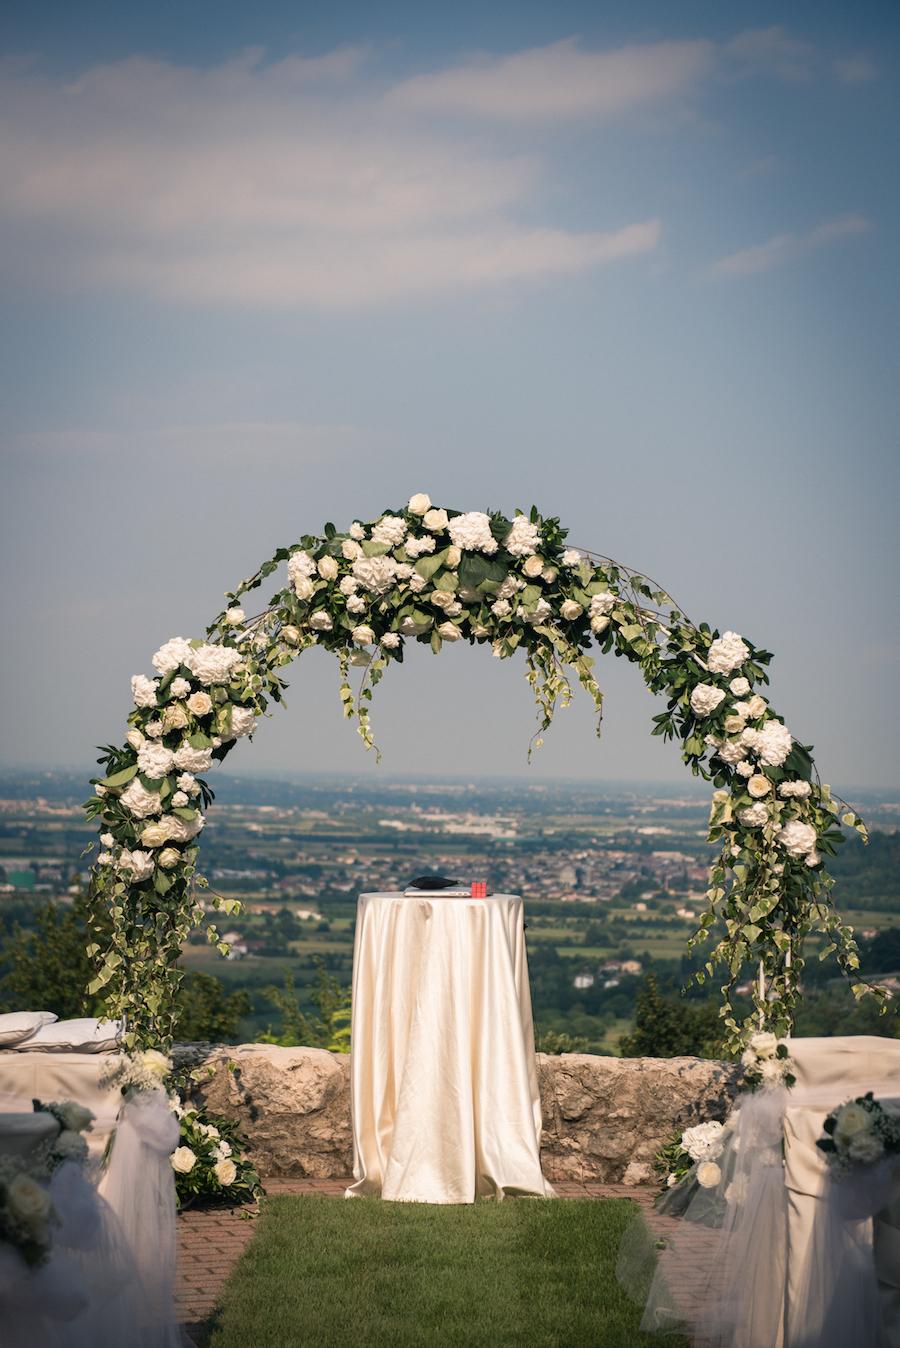 Matrimonio Simbolico In Giardino : Un rito simbolico per matrimonio bilingue wedding